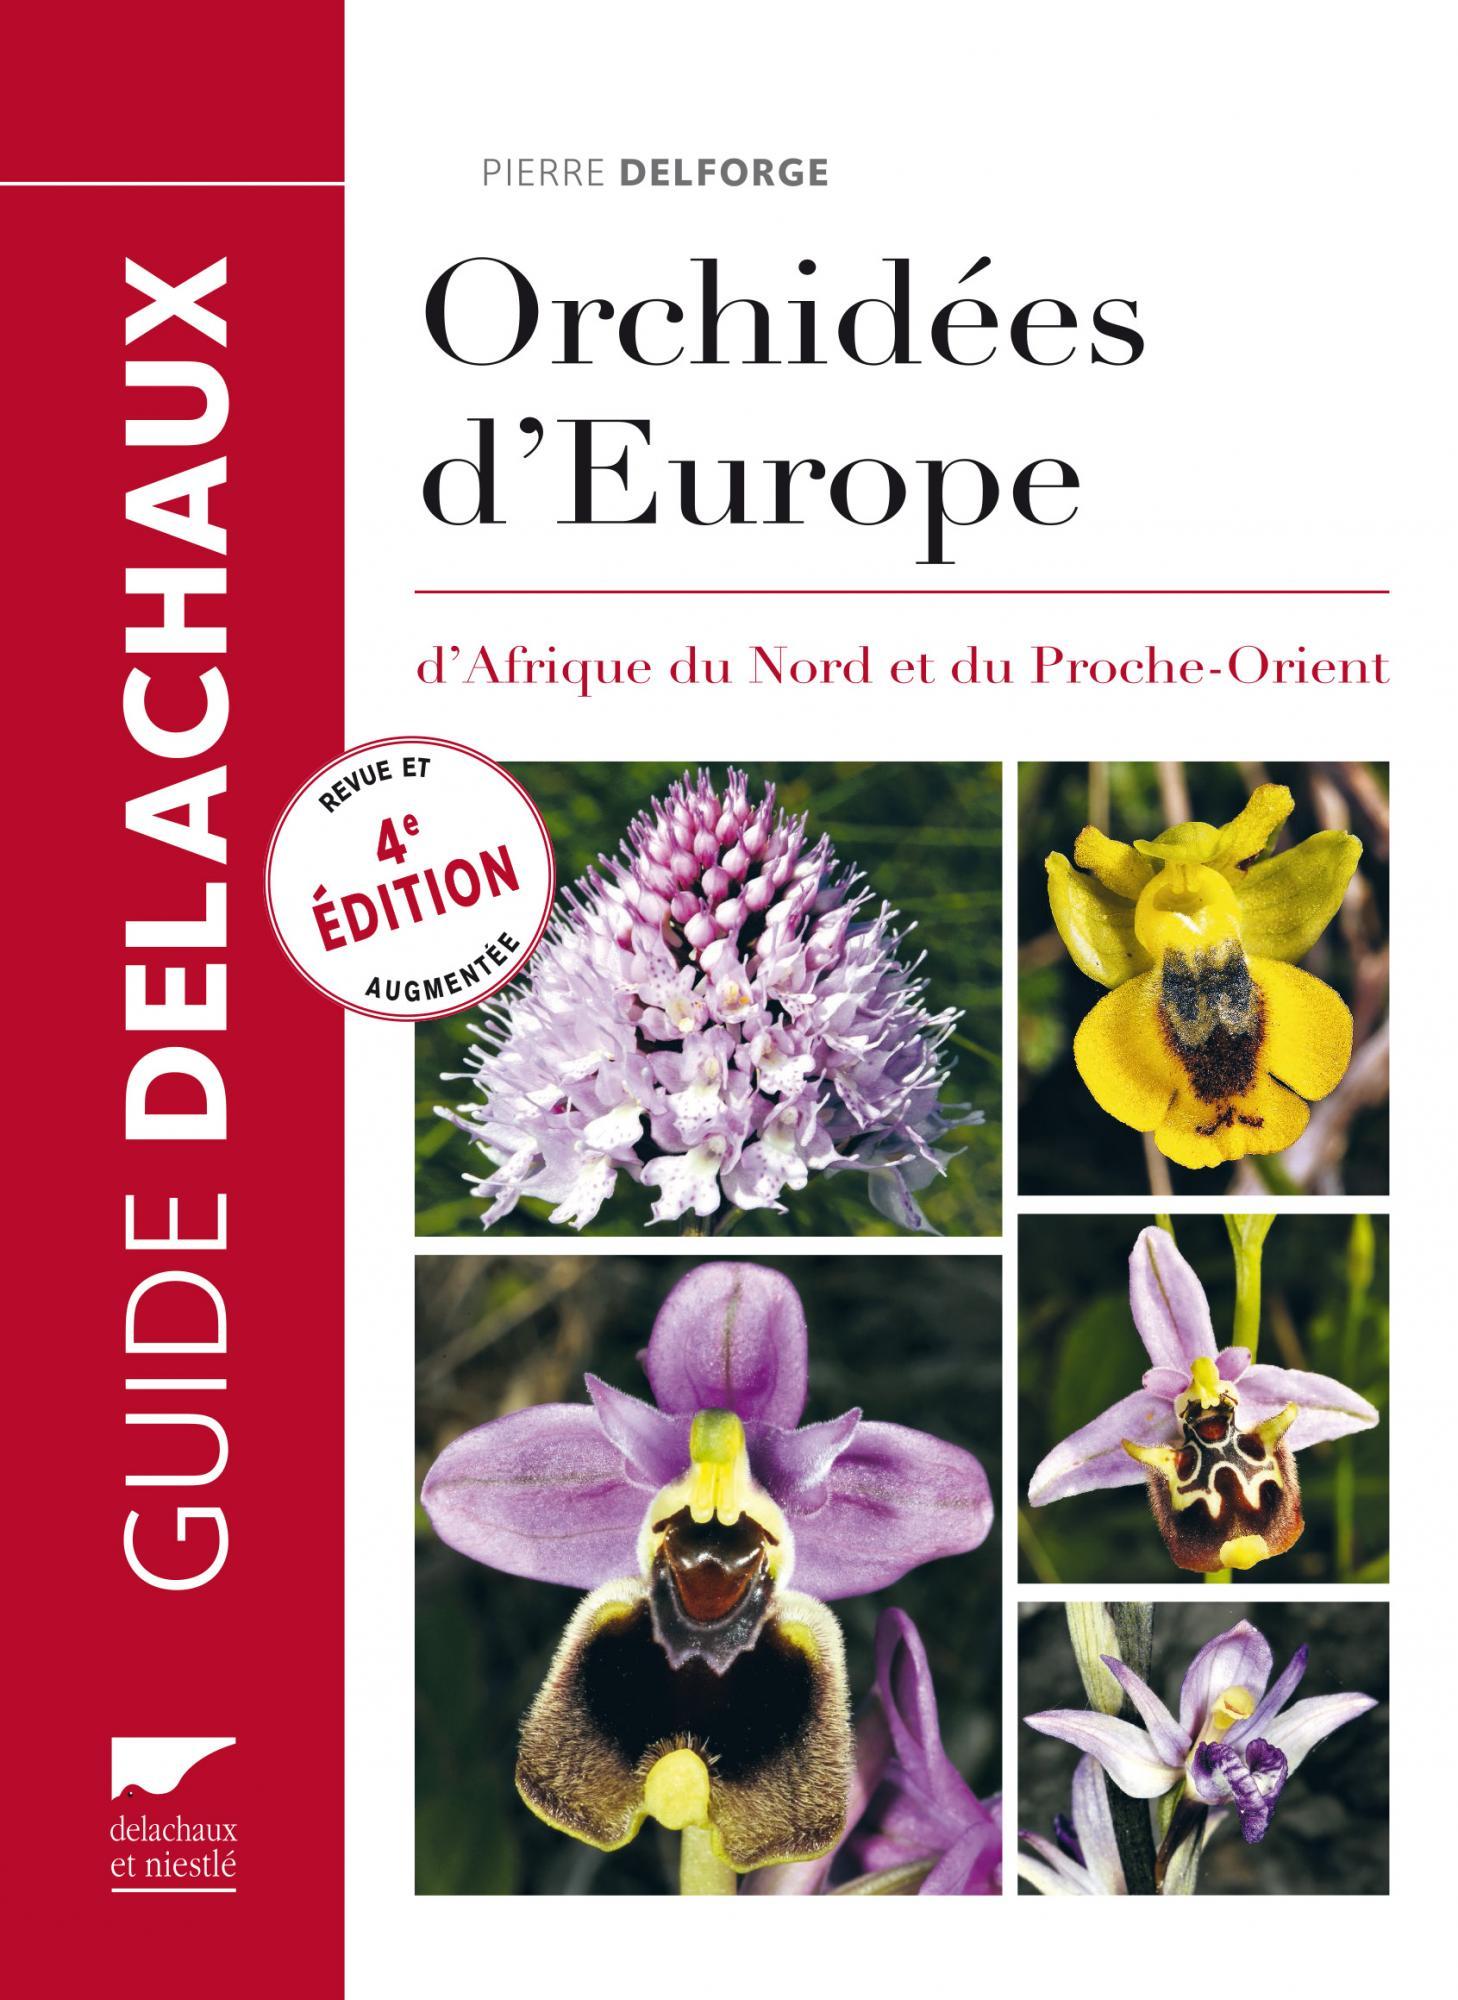 Orchidées Delforge